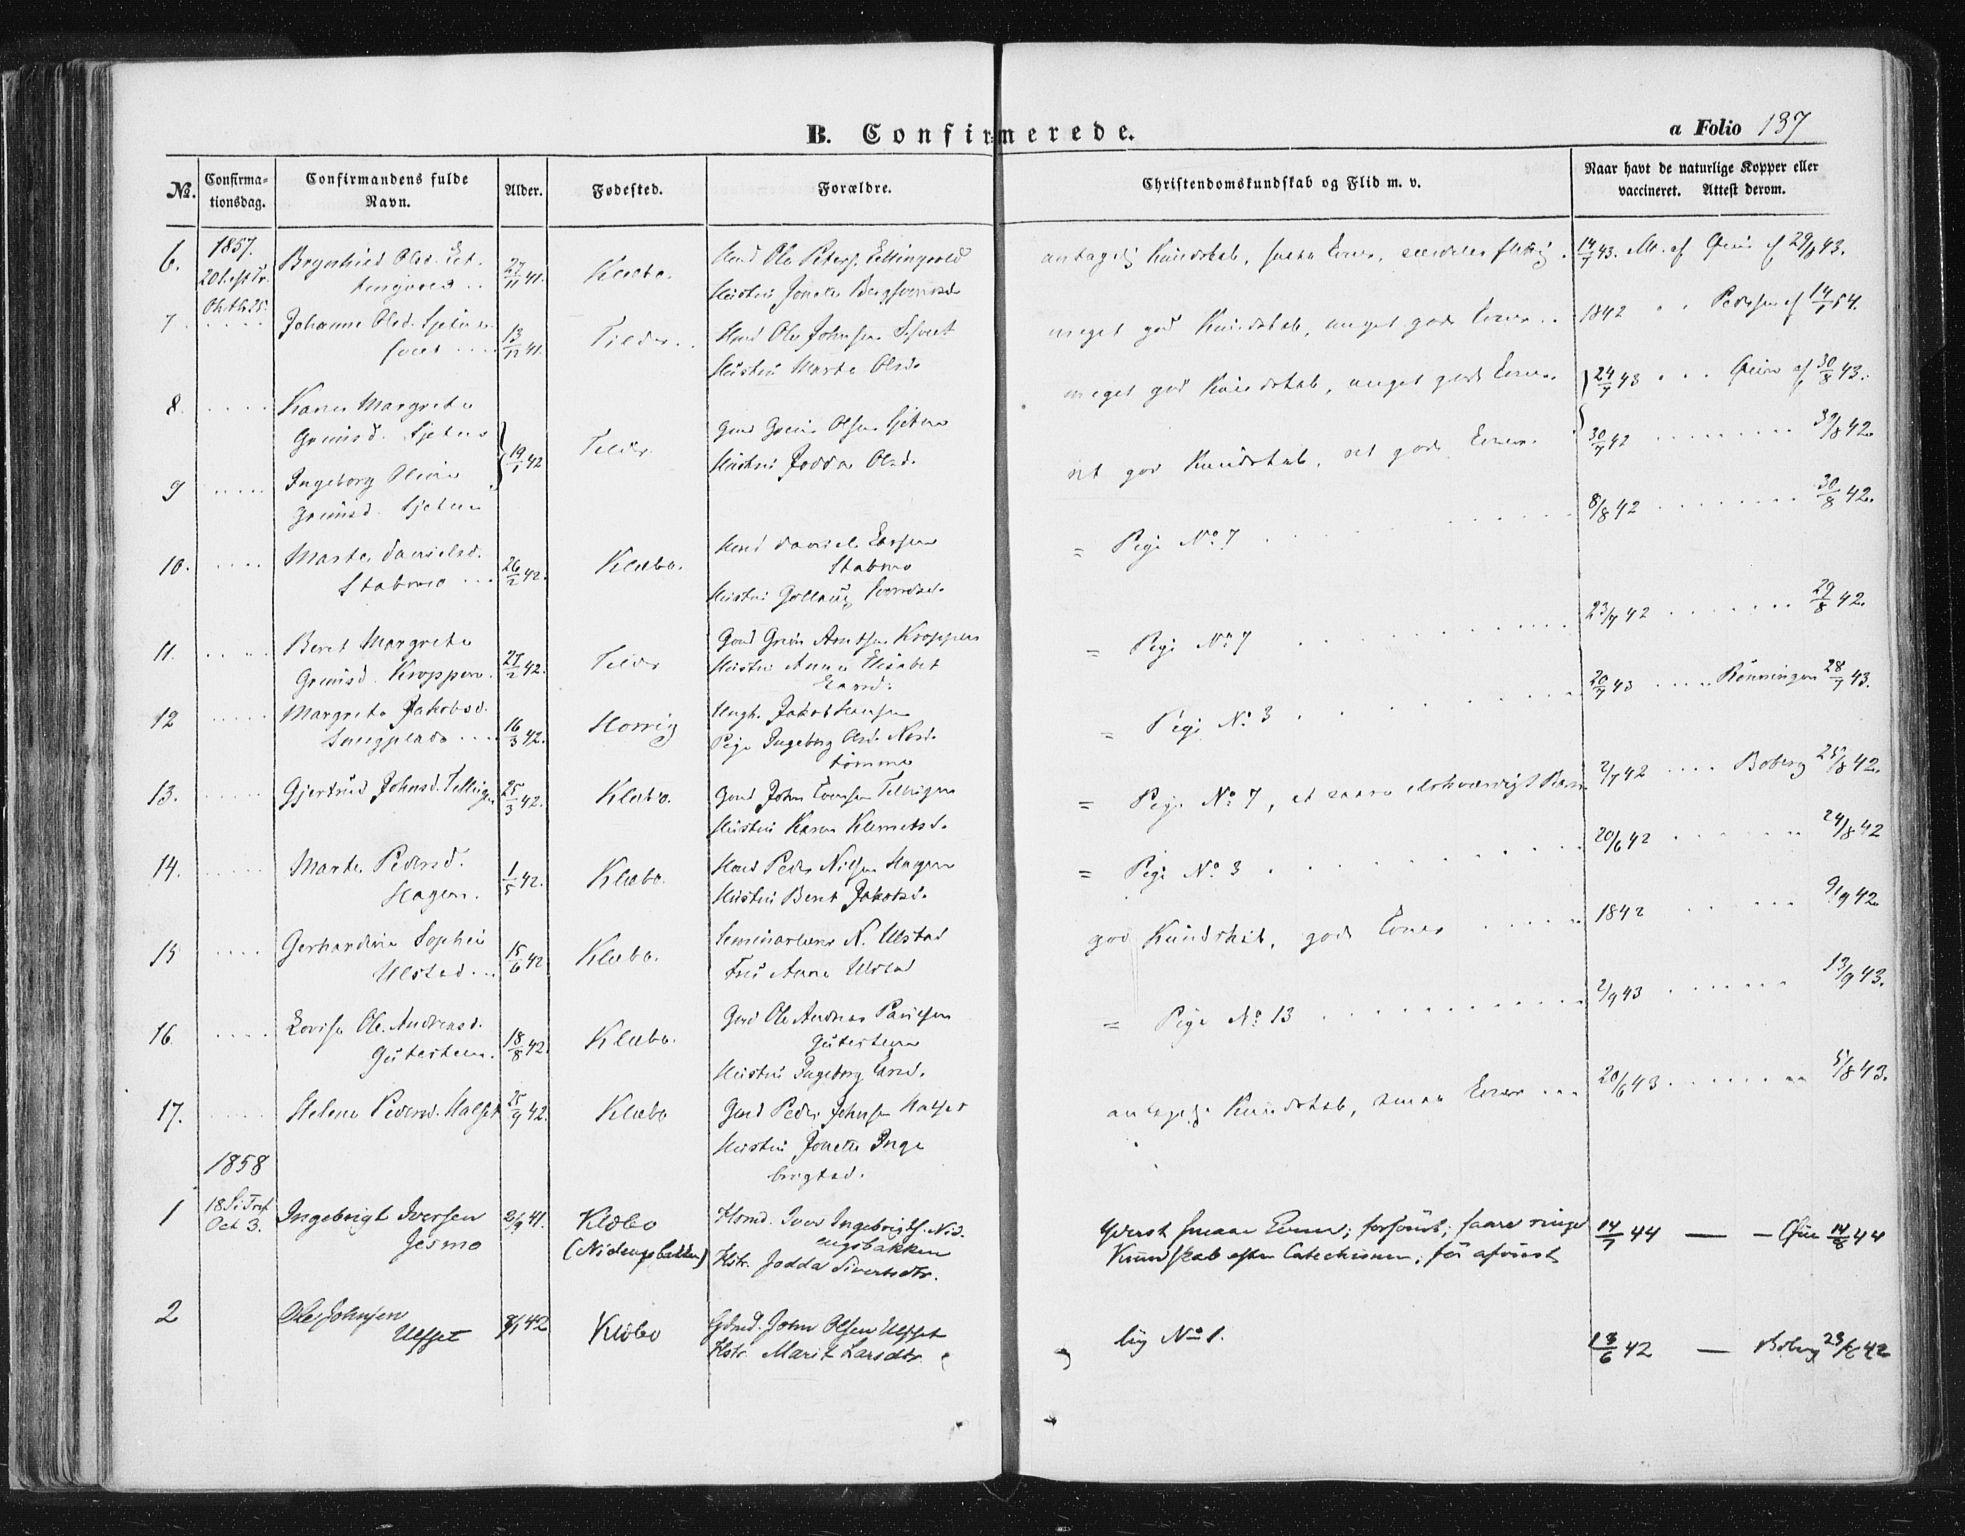 SAT, Ministerialprotokoller, klokkerbøker og fødselsregistre - Sør-Trøndelag, 618/L0441: Ministerialbok nr. 618A05, 1843-1862, s. 137